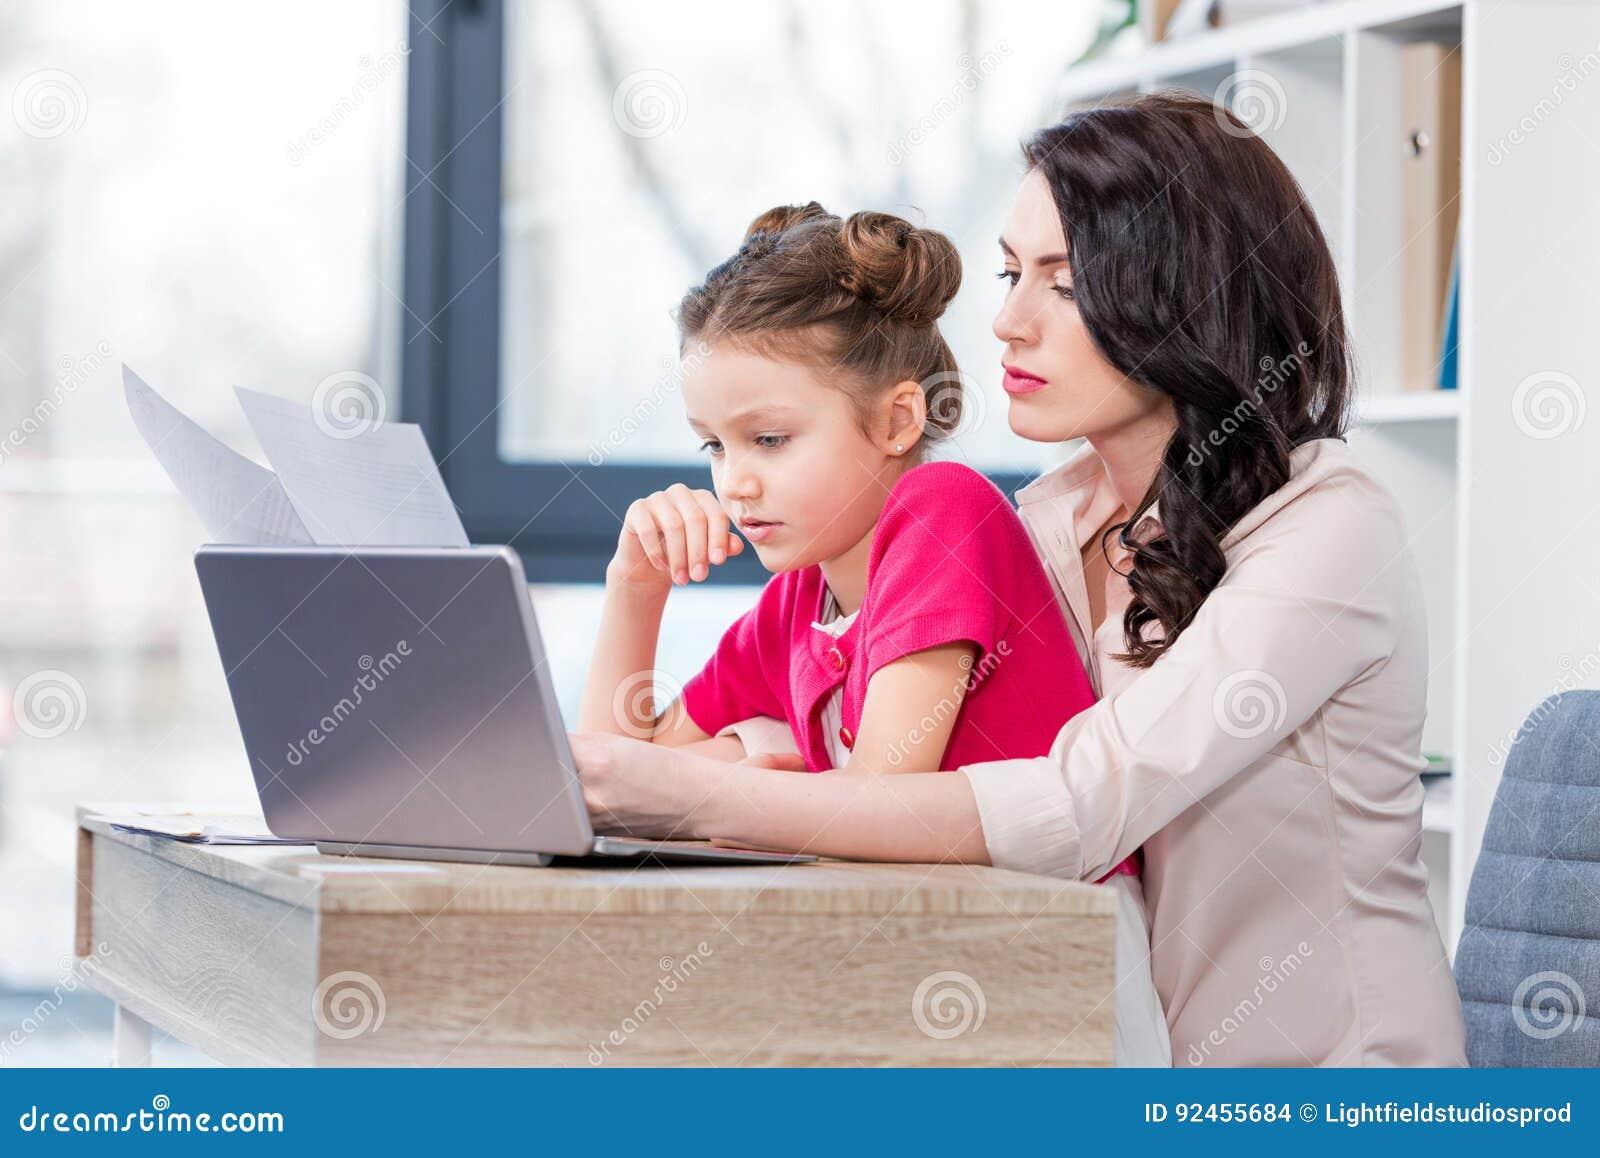 Tochter und Mutter, die mit Laptop arbeiten und Papiere im Büro betrachten